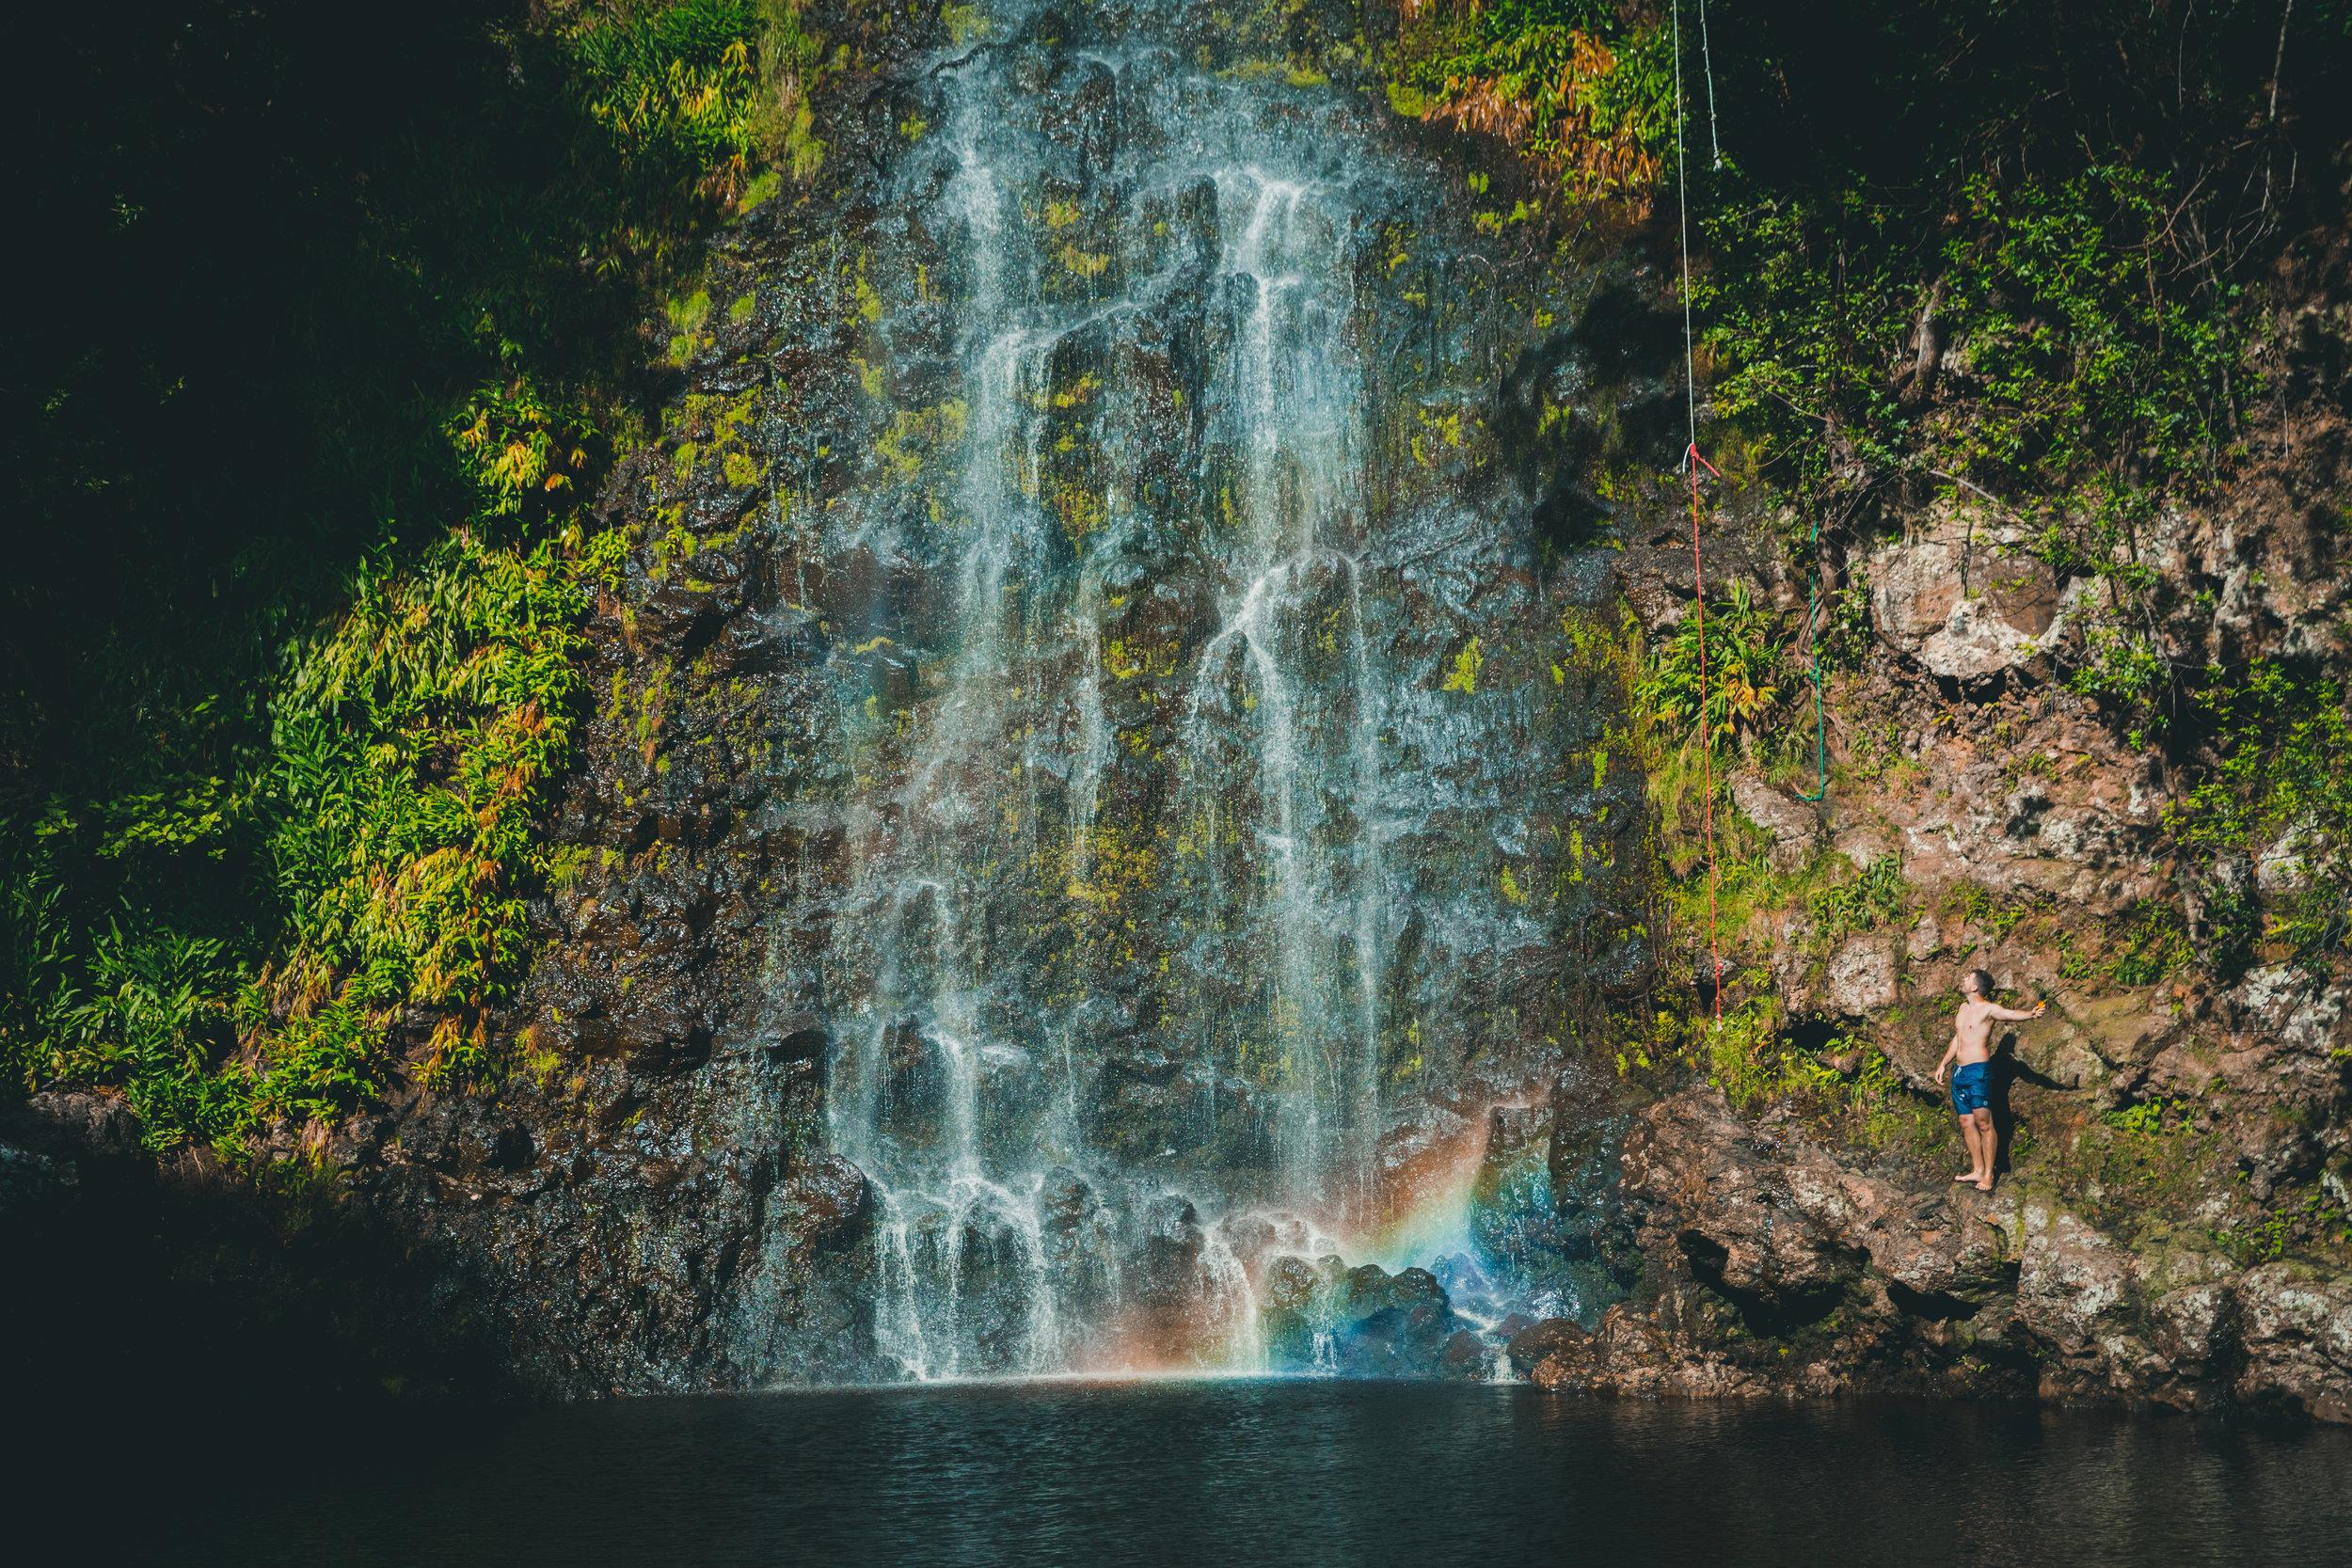 マウイ島   ノスタルジックな風景が残るリゾートの島